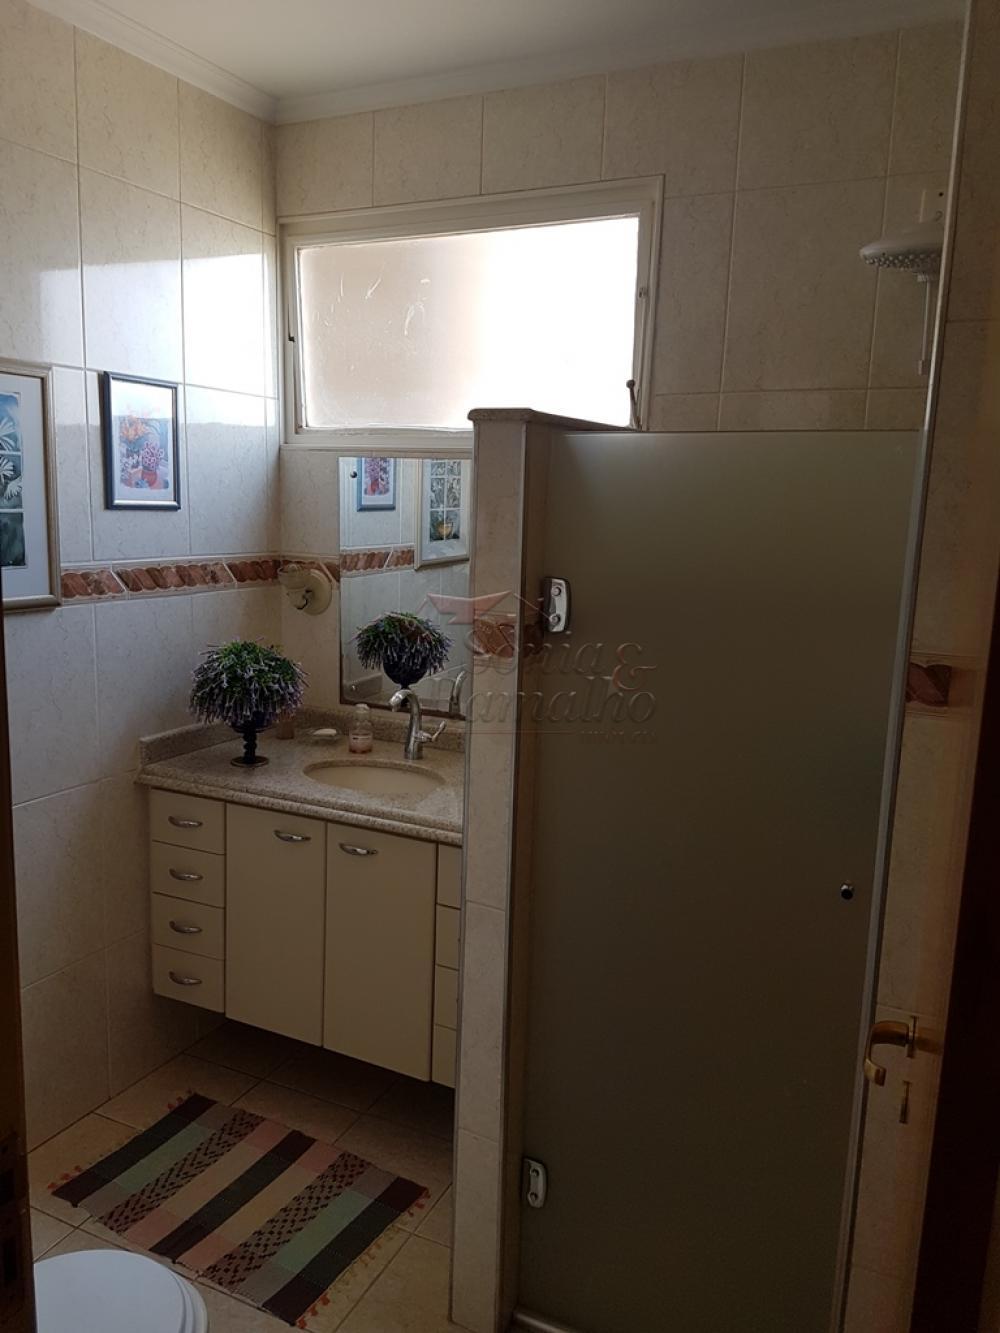 Comprar Apartamentos / Padrão em Ribeirão Preto apenas R$ 500.000,00 - Foto 18